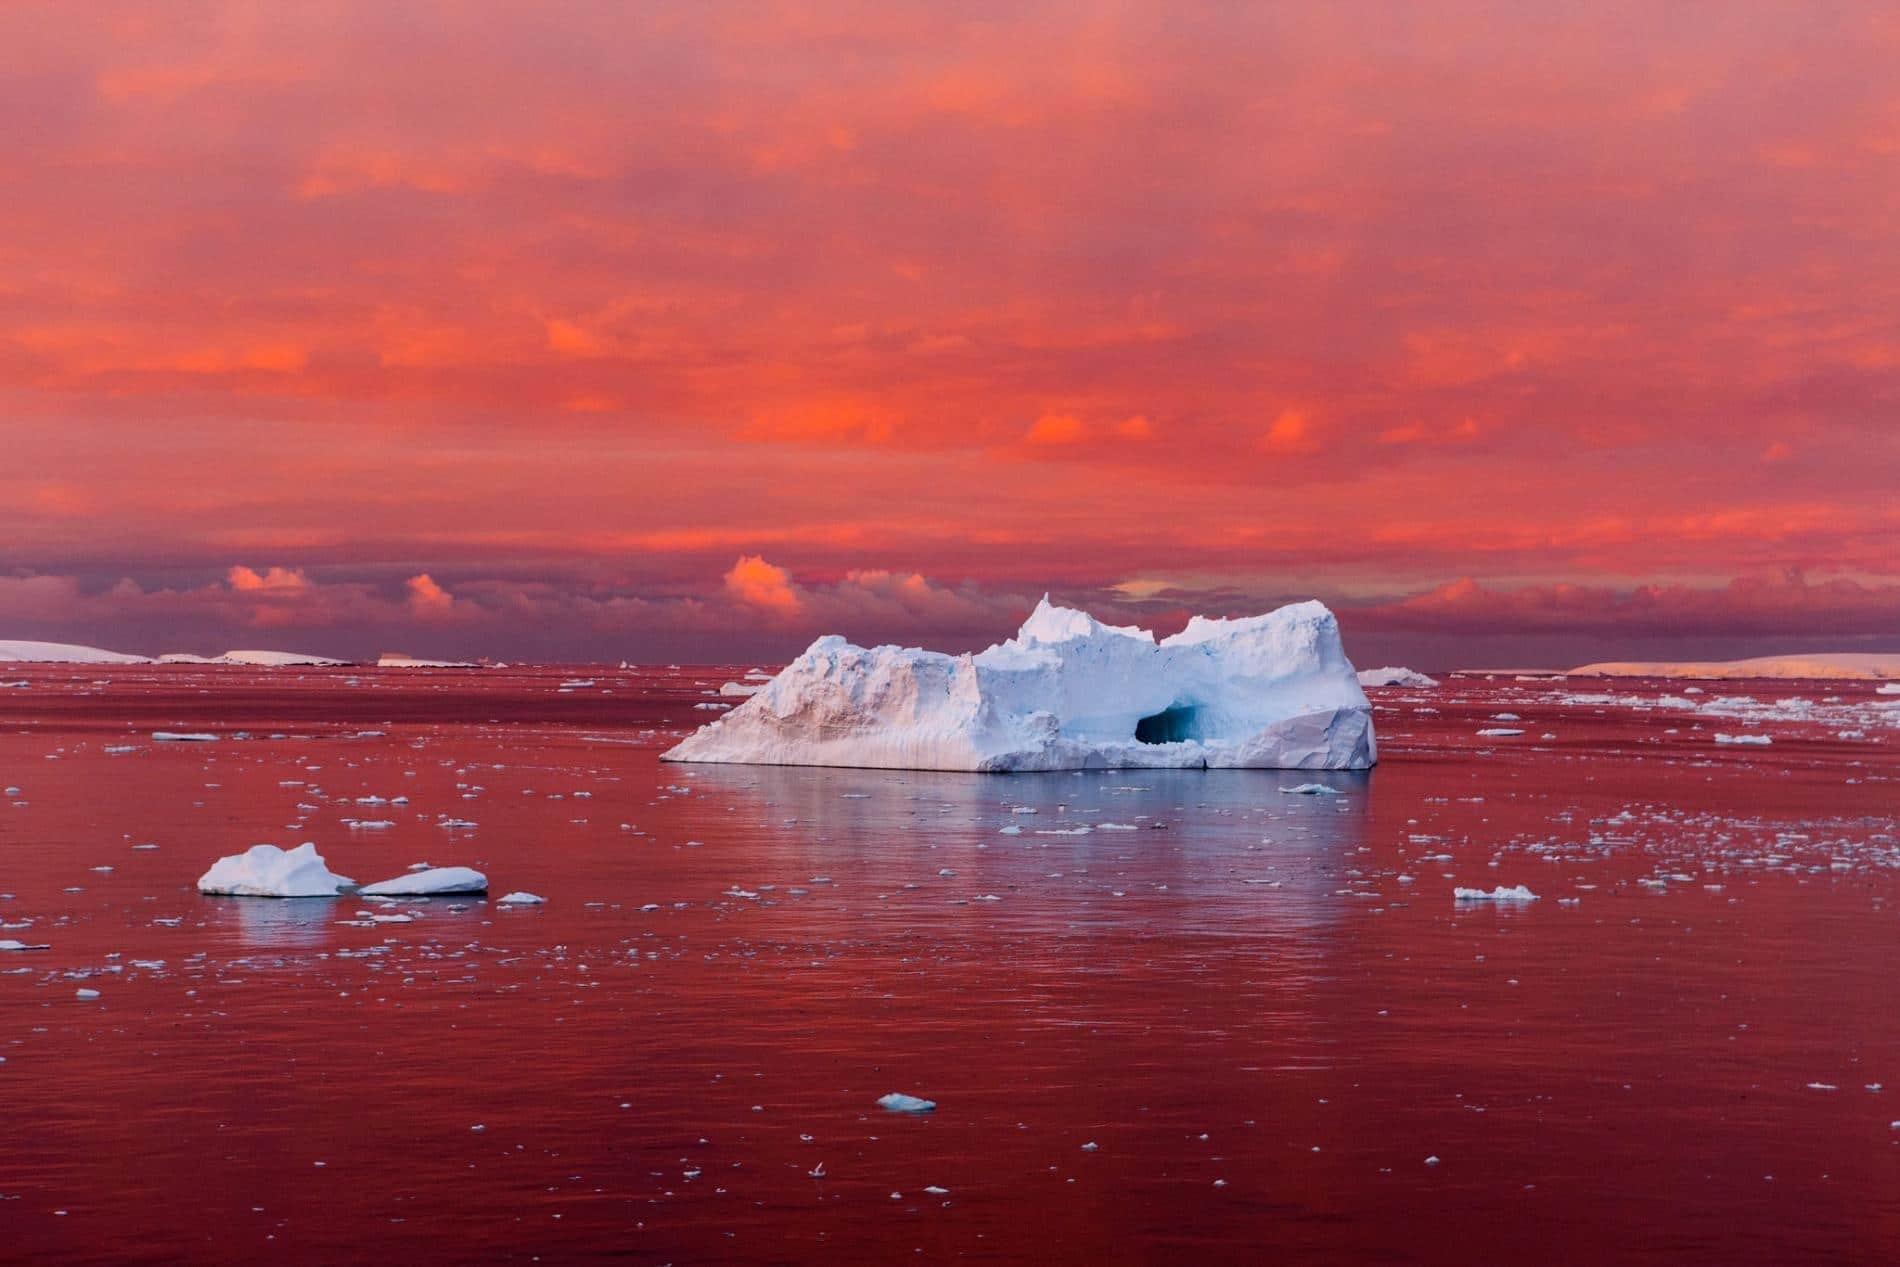 沿海城市危险!南极洲融化成定势 冰架已现大裂缝